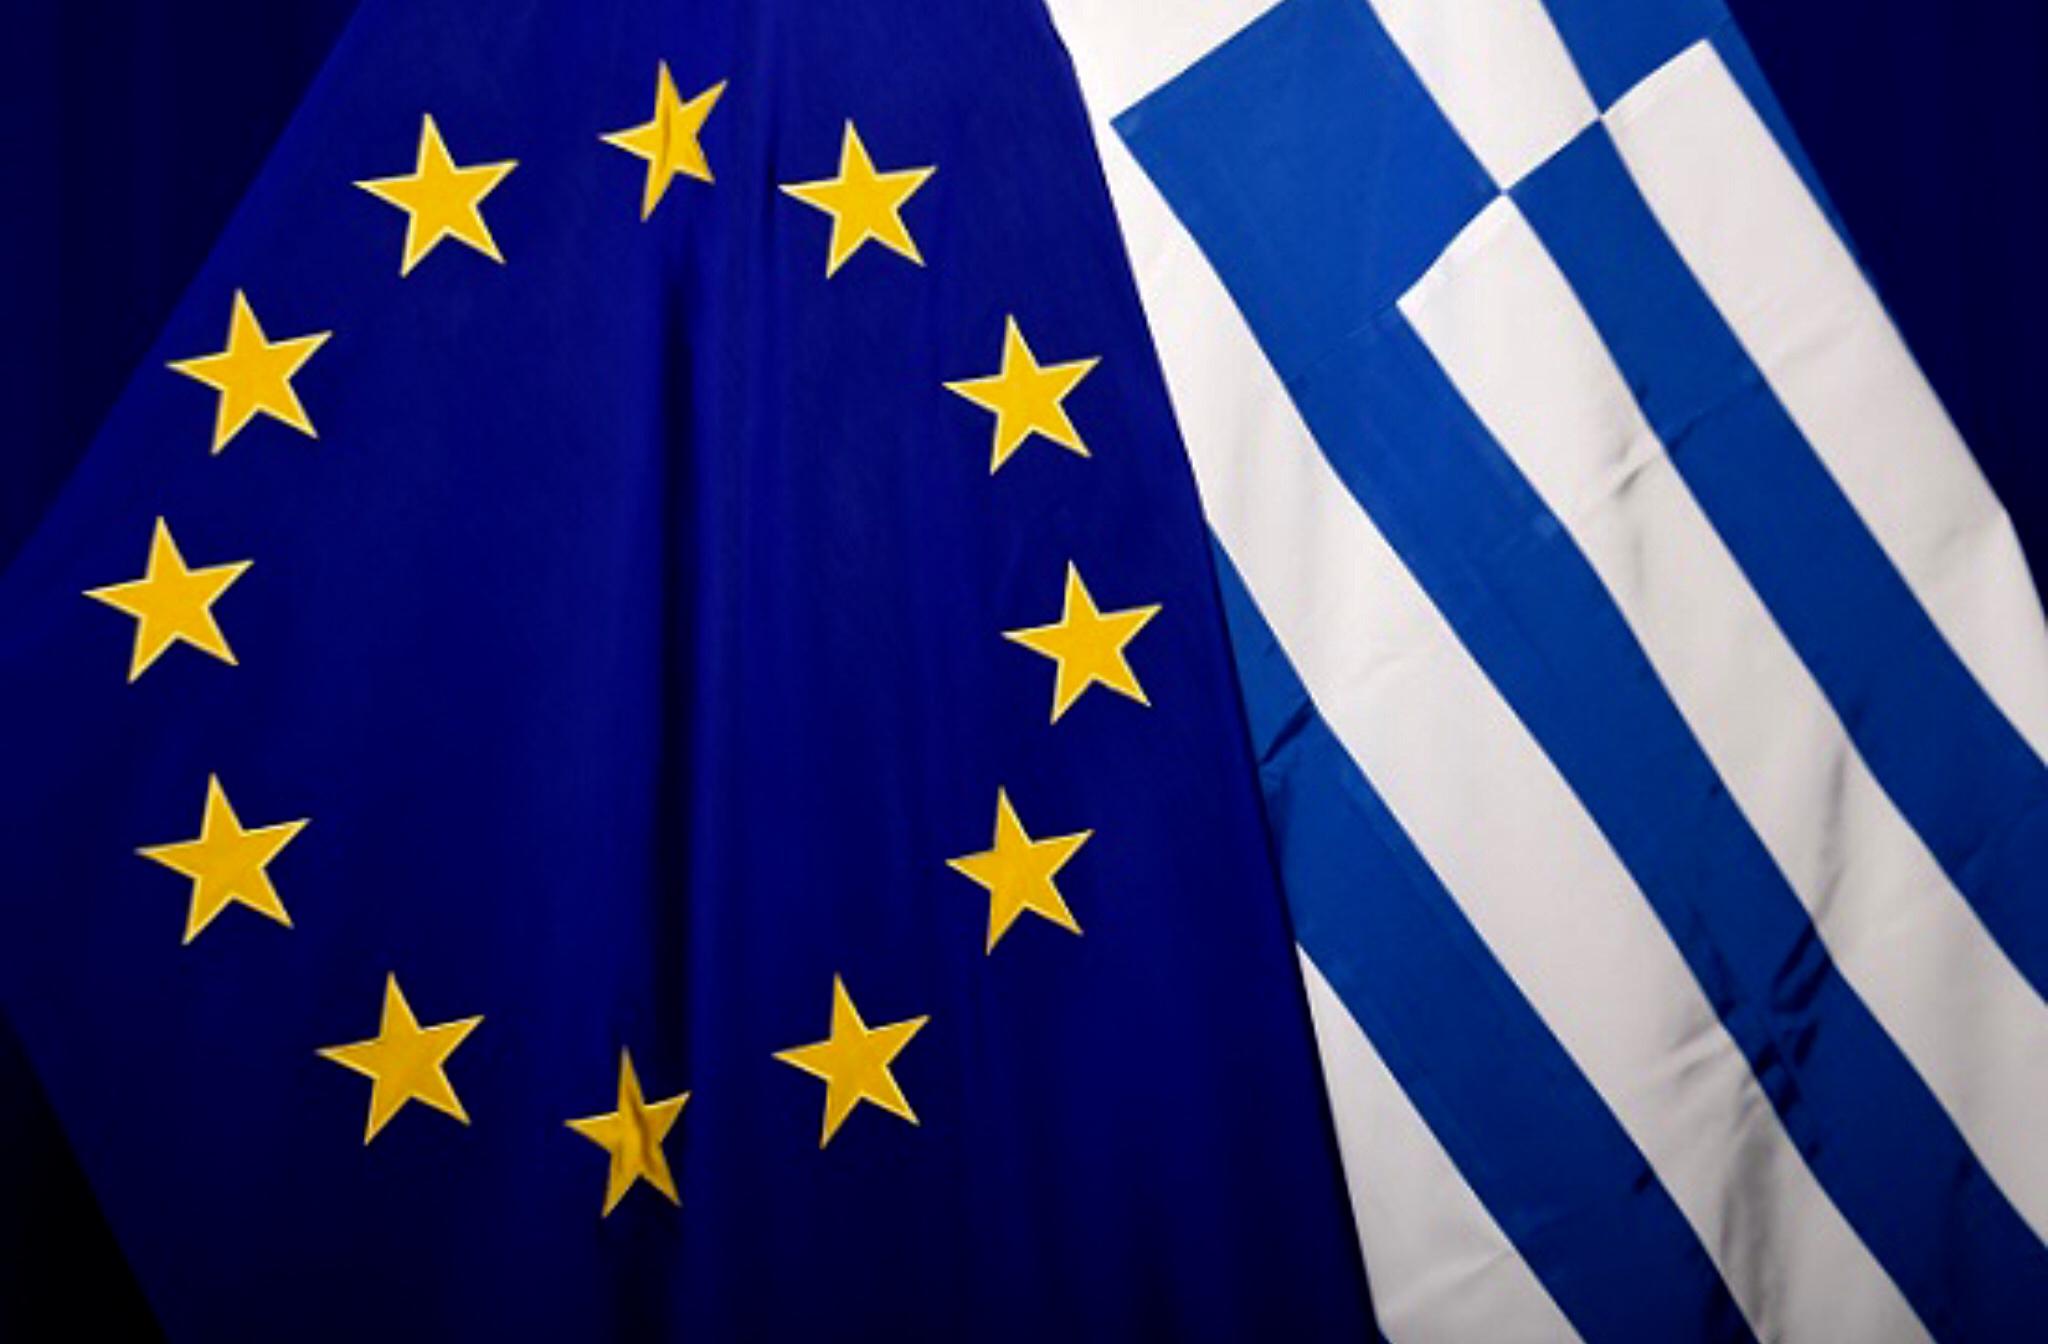 Πρωτογενές πλεόνασμα 2,087 δισ. ευρώ το διάστημα Ιανουαρίου – Ιουλίου 2018